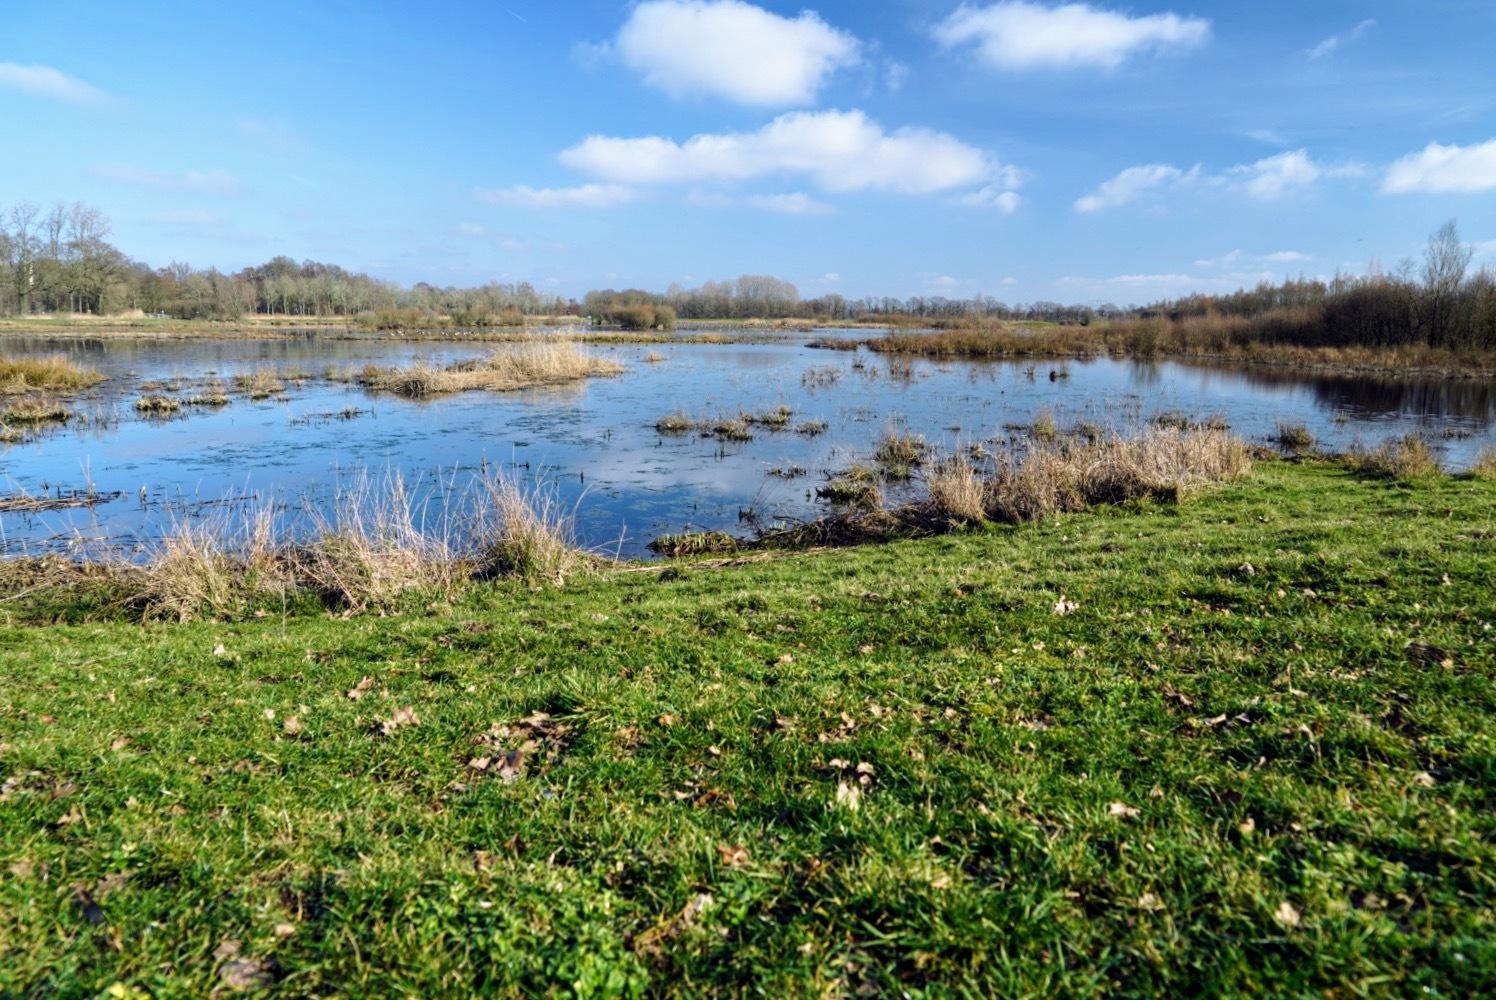 Ven 2 in de Kampina - Waterberging en vogelgebied - foto door Frenk2021 op 11-04-2021 - locatie: Oirschot, Nederland - deze foto bevat: water, wolk, lucht, fabriek, bloem, natuurlijke omgeving, fluviatiele landvormen van beken, natuurlijk landschap, boom, meer